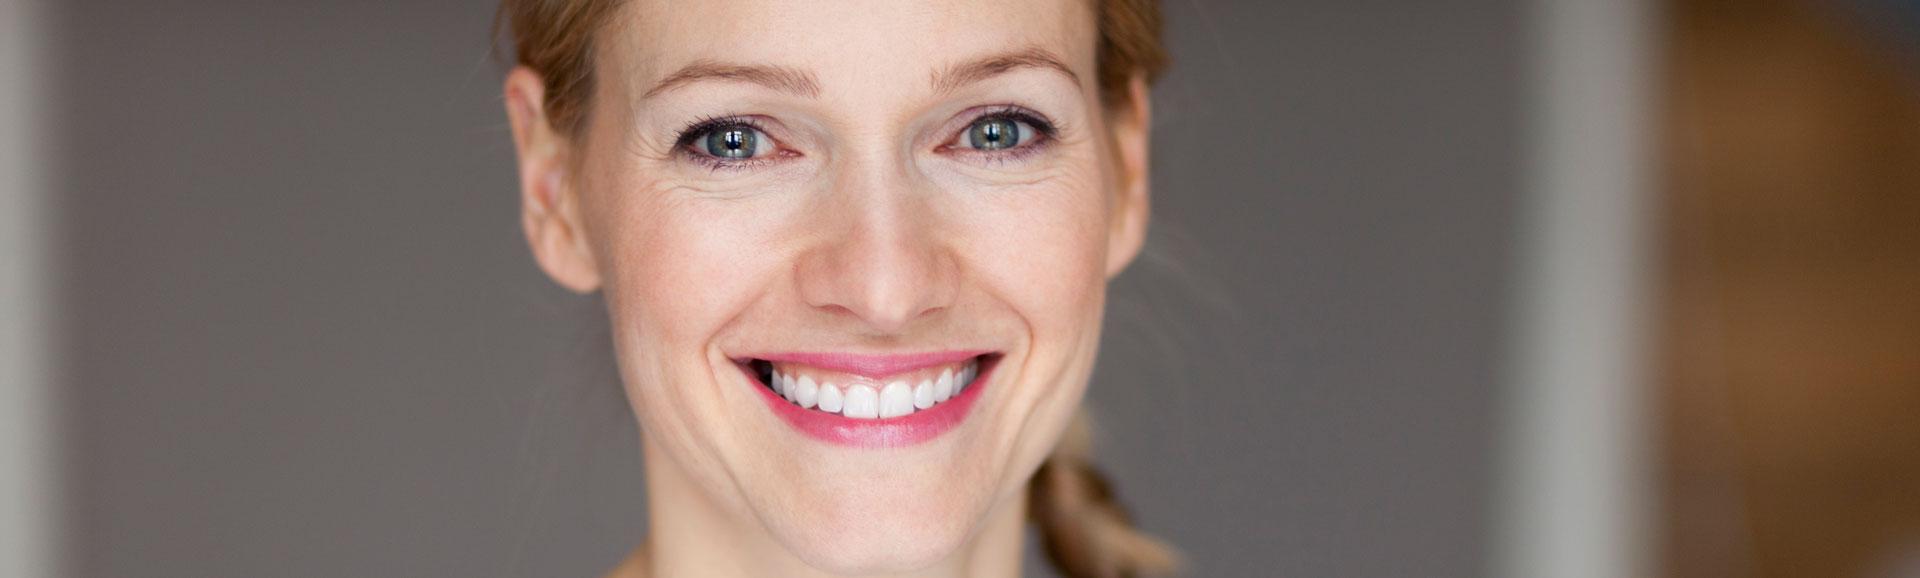 Gentle Dental Care - Blog